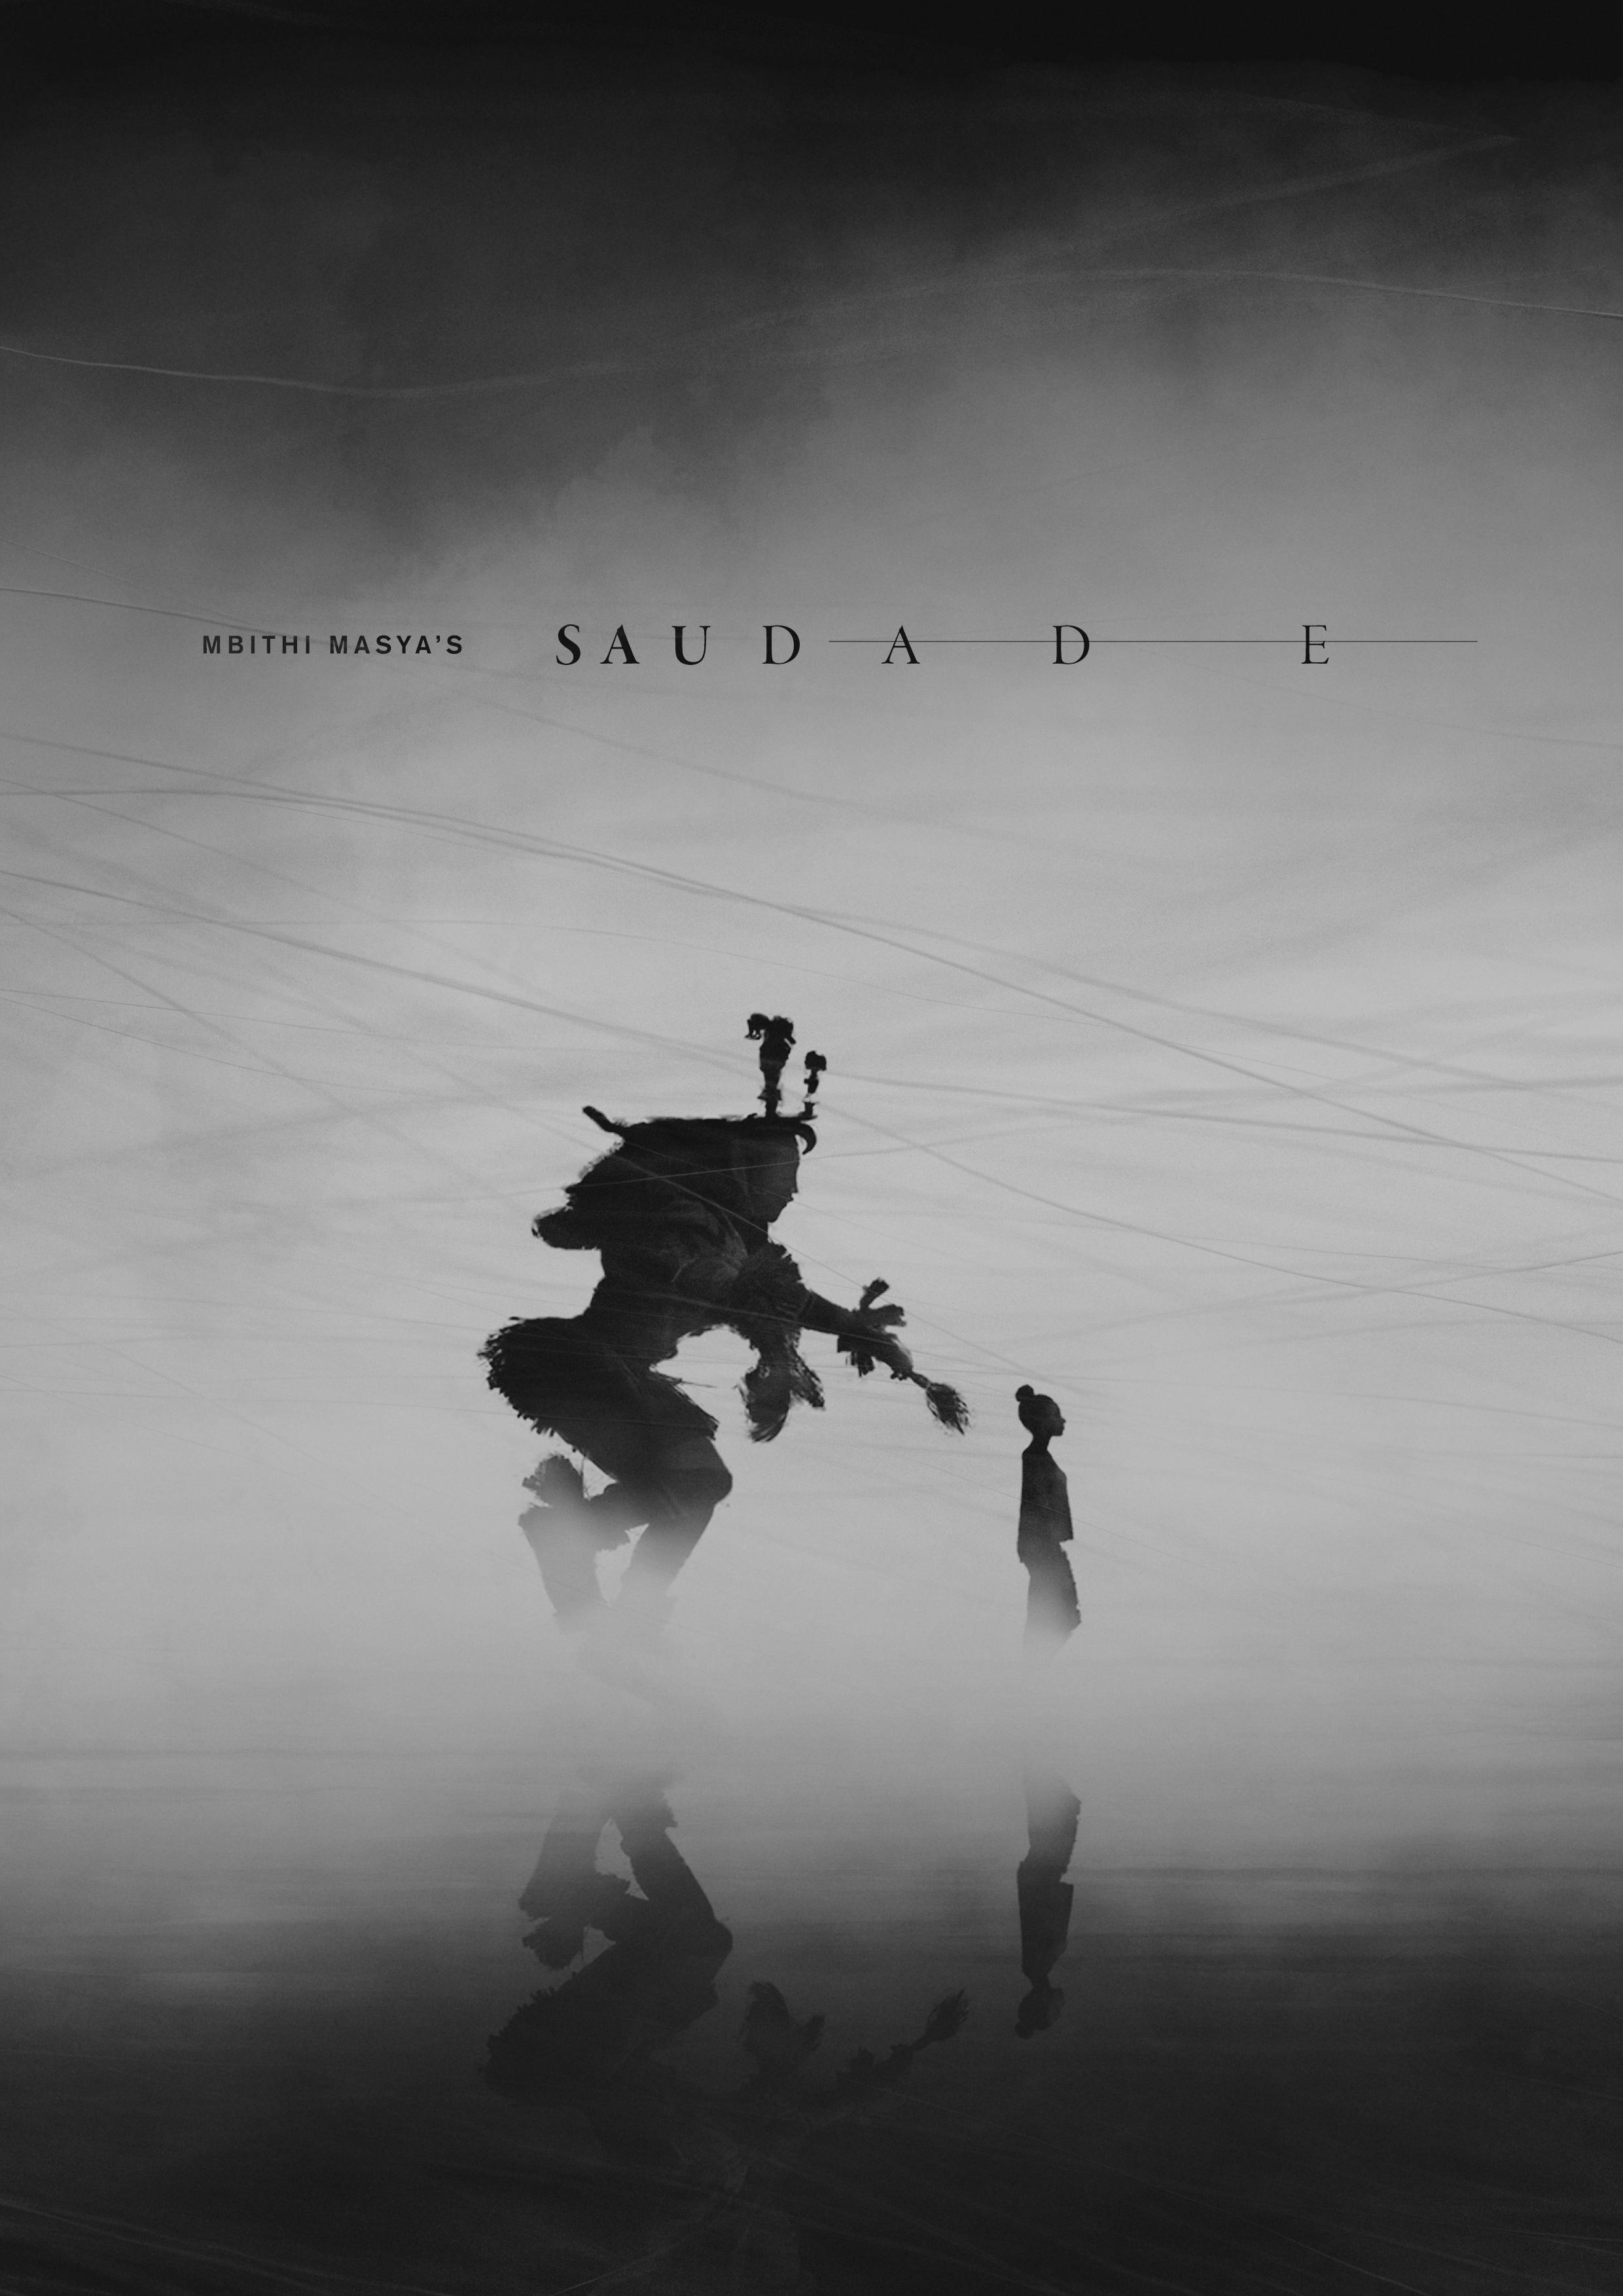 SAUDADE